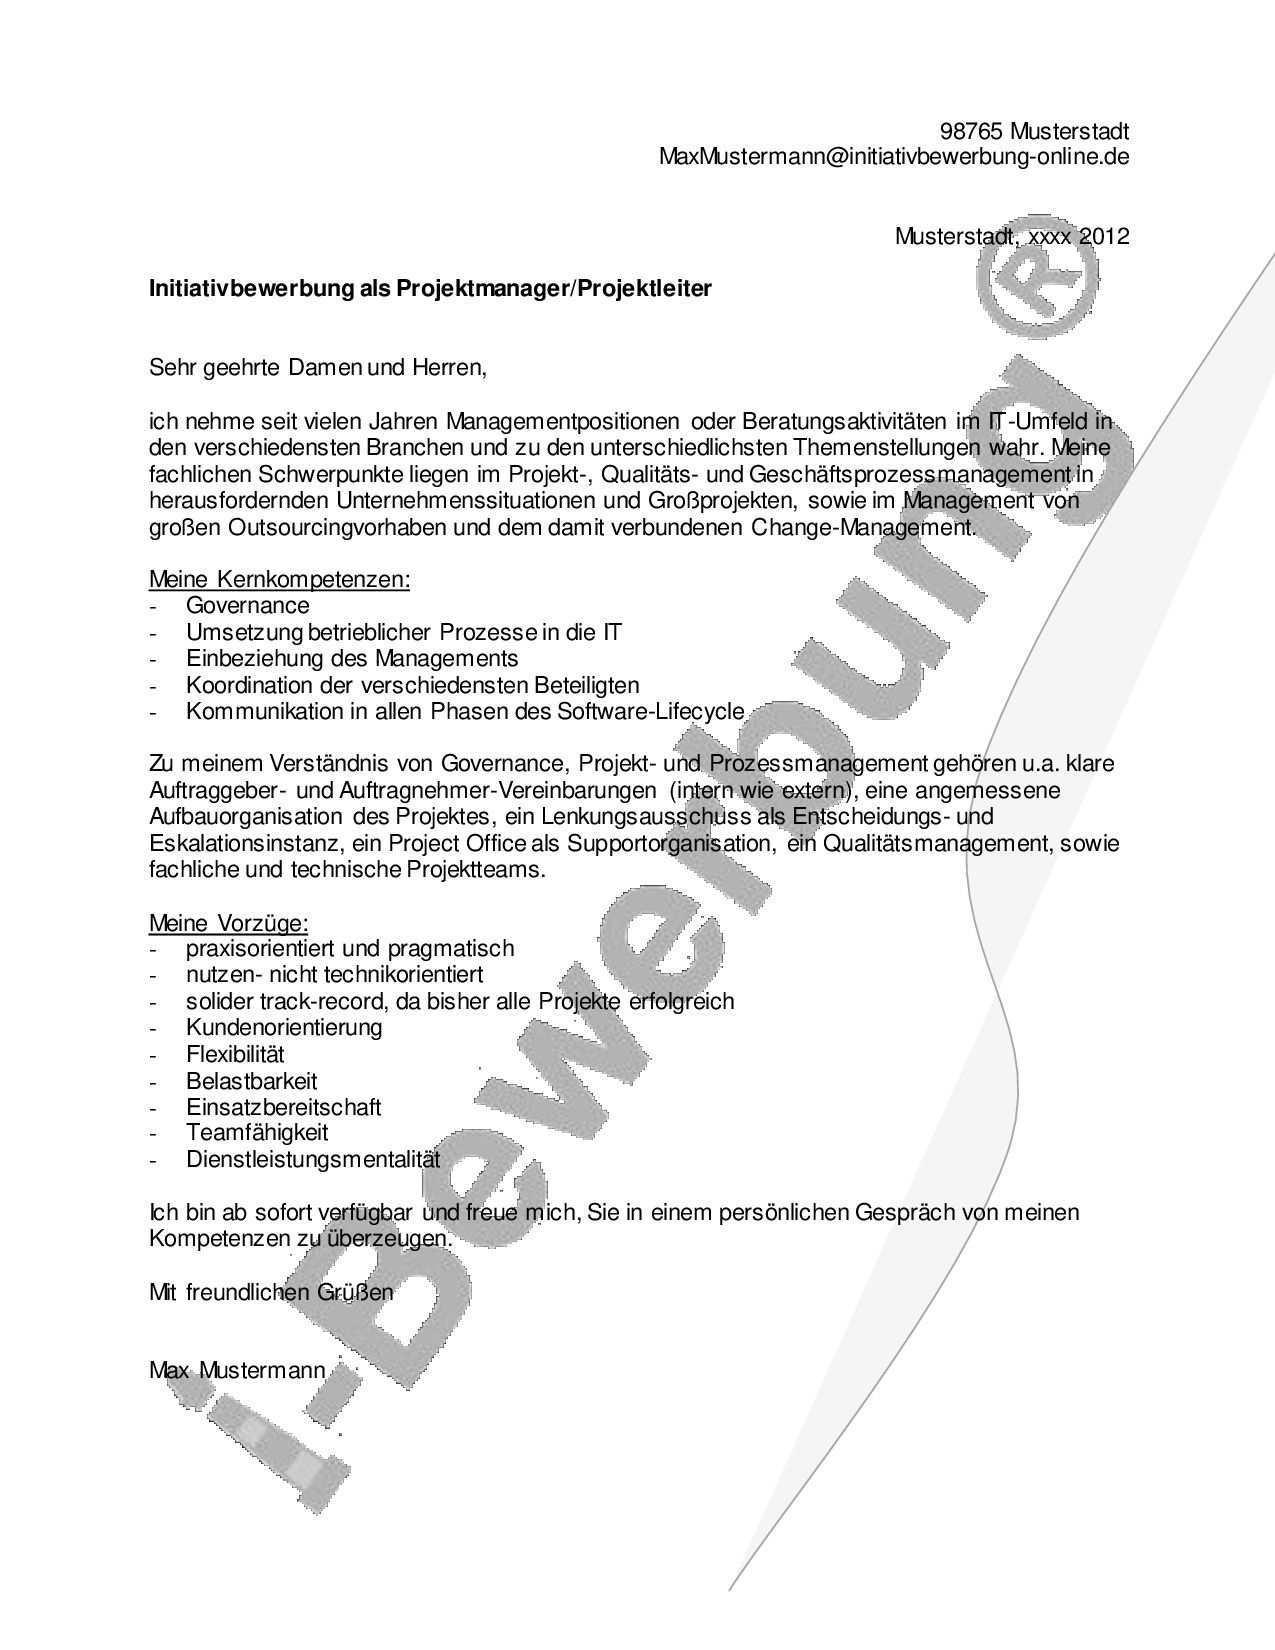 Vorlage Fur Ein Anschreiben Zur Initiativbewerbung Stellenbewerbung Bewerbung Anschreiben